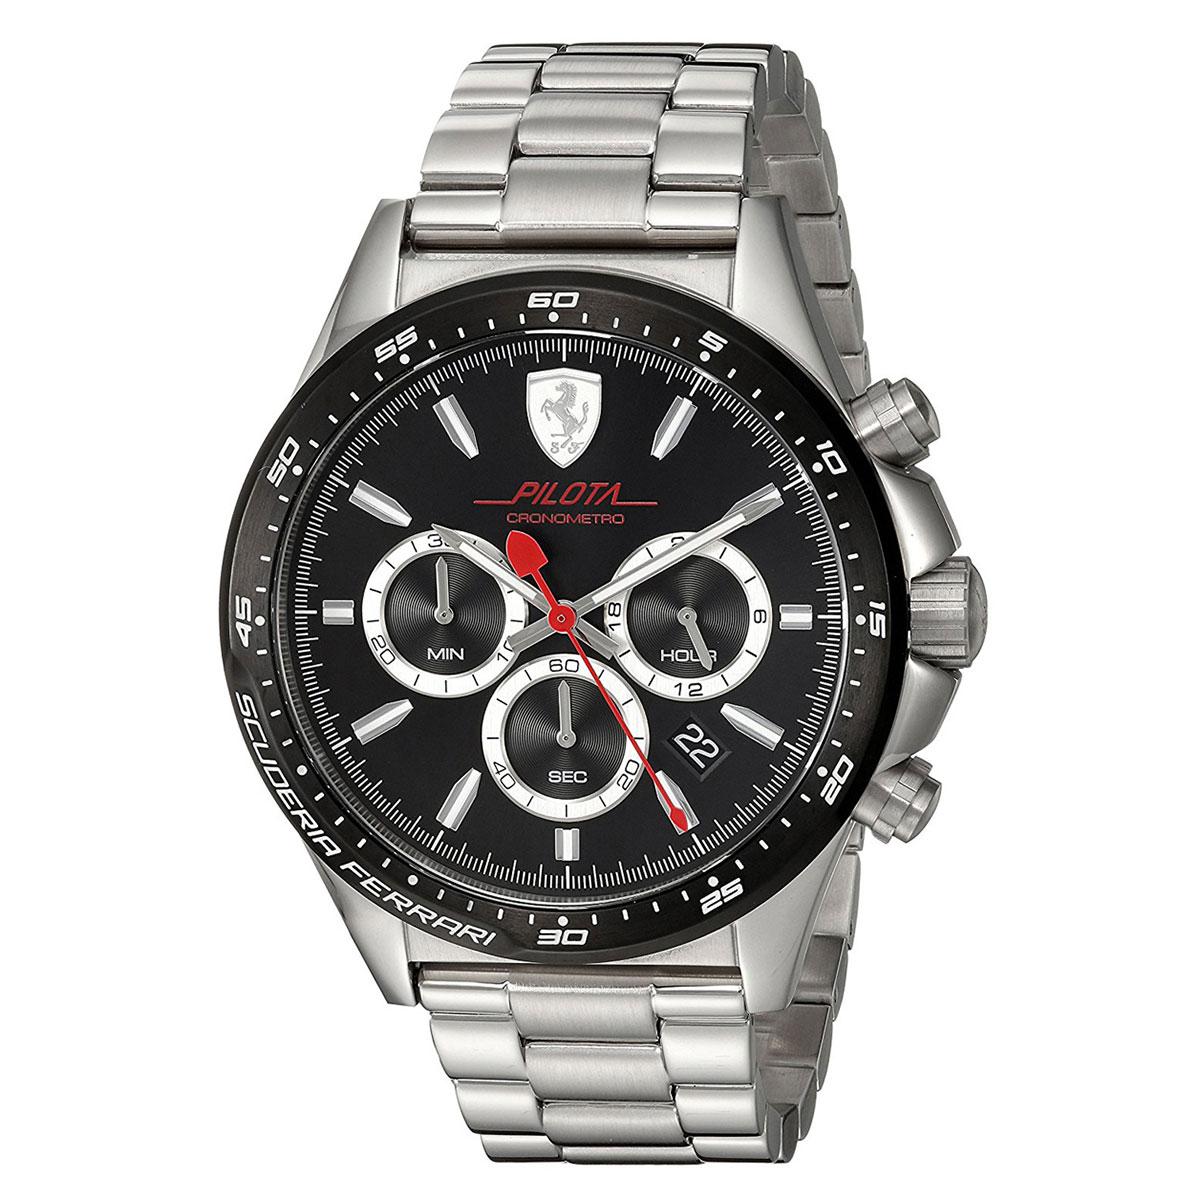 นาฬิกาผู้ชาย Ferrari รุ่น 0830393, Pilota Chronometro